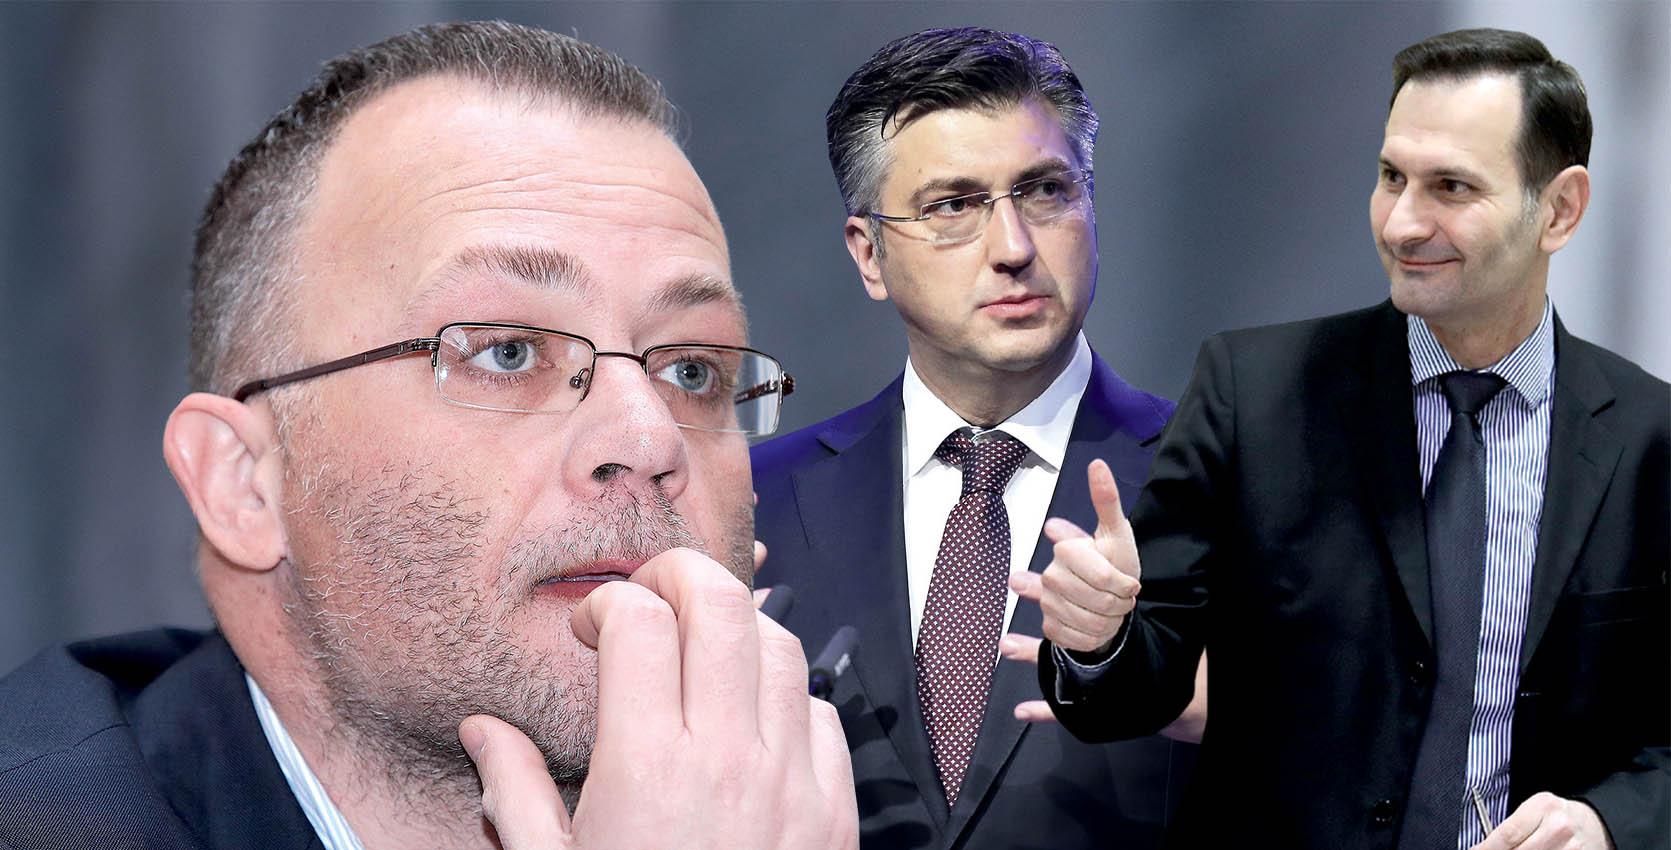 HASANBEGOVIĆ: Ovo nije poraz Neovisnih za Hrvatsku, već moralna pobjeda